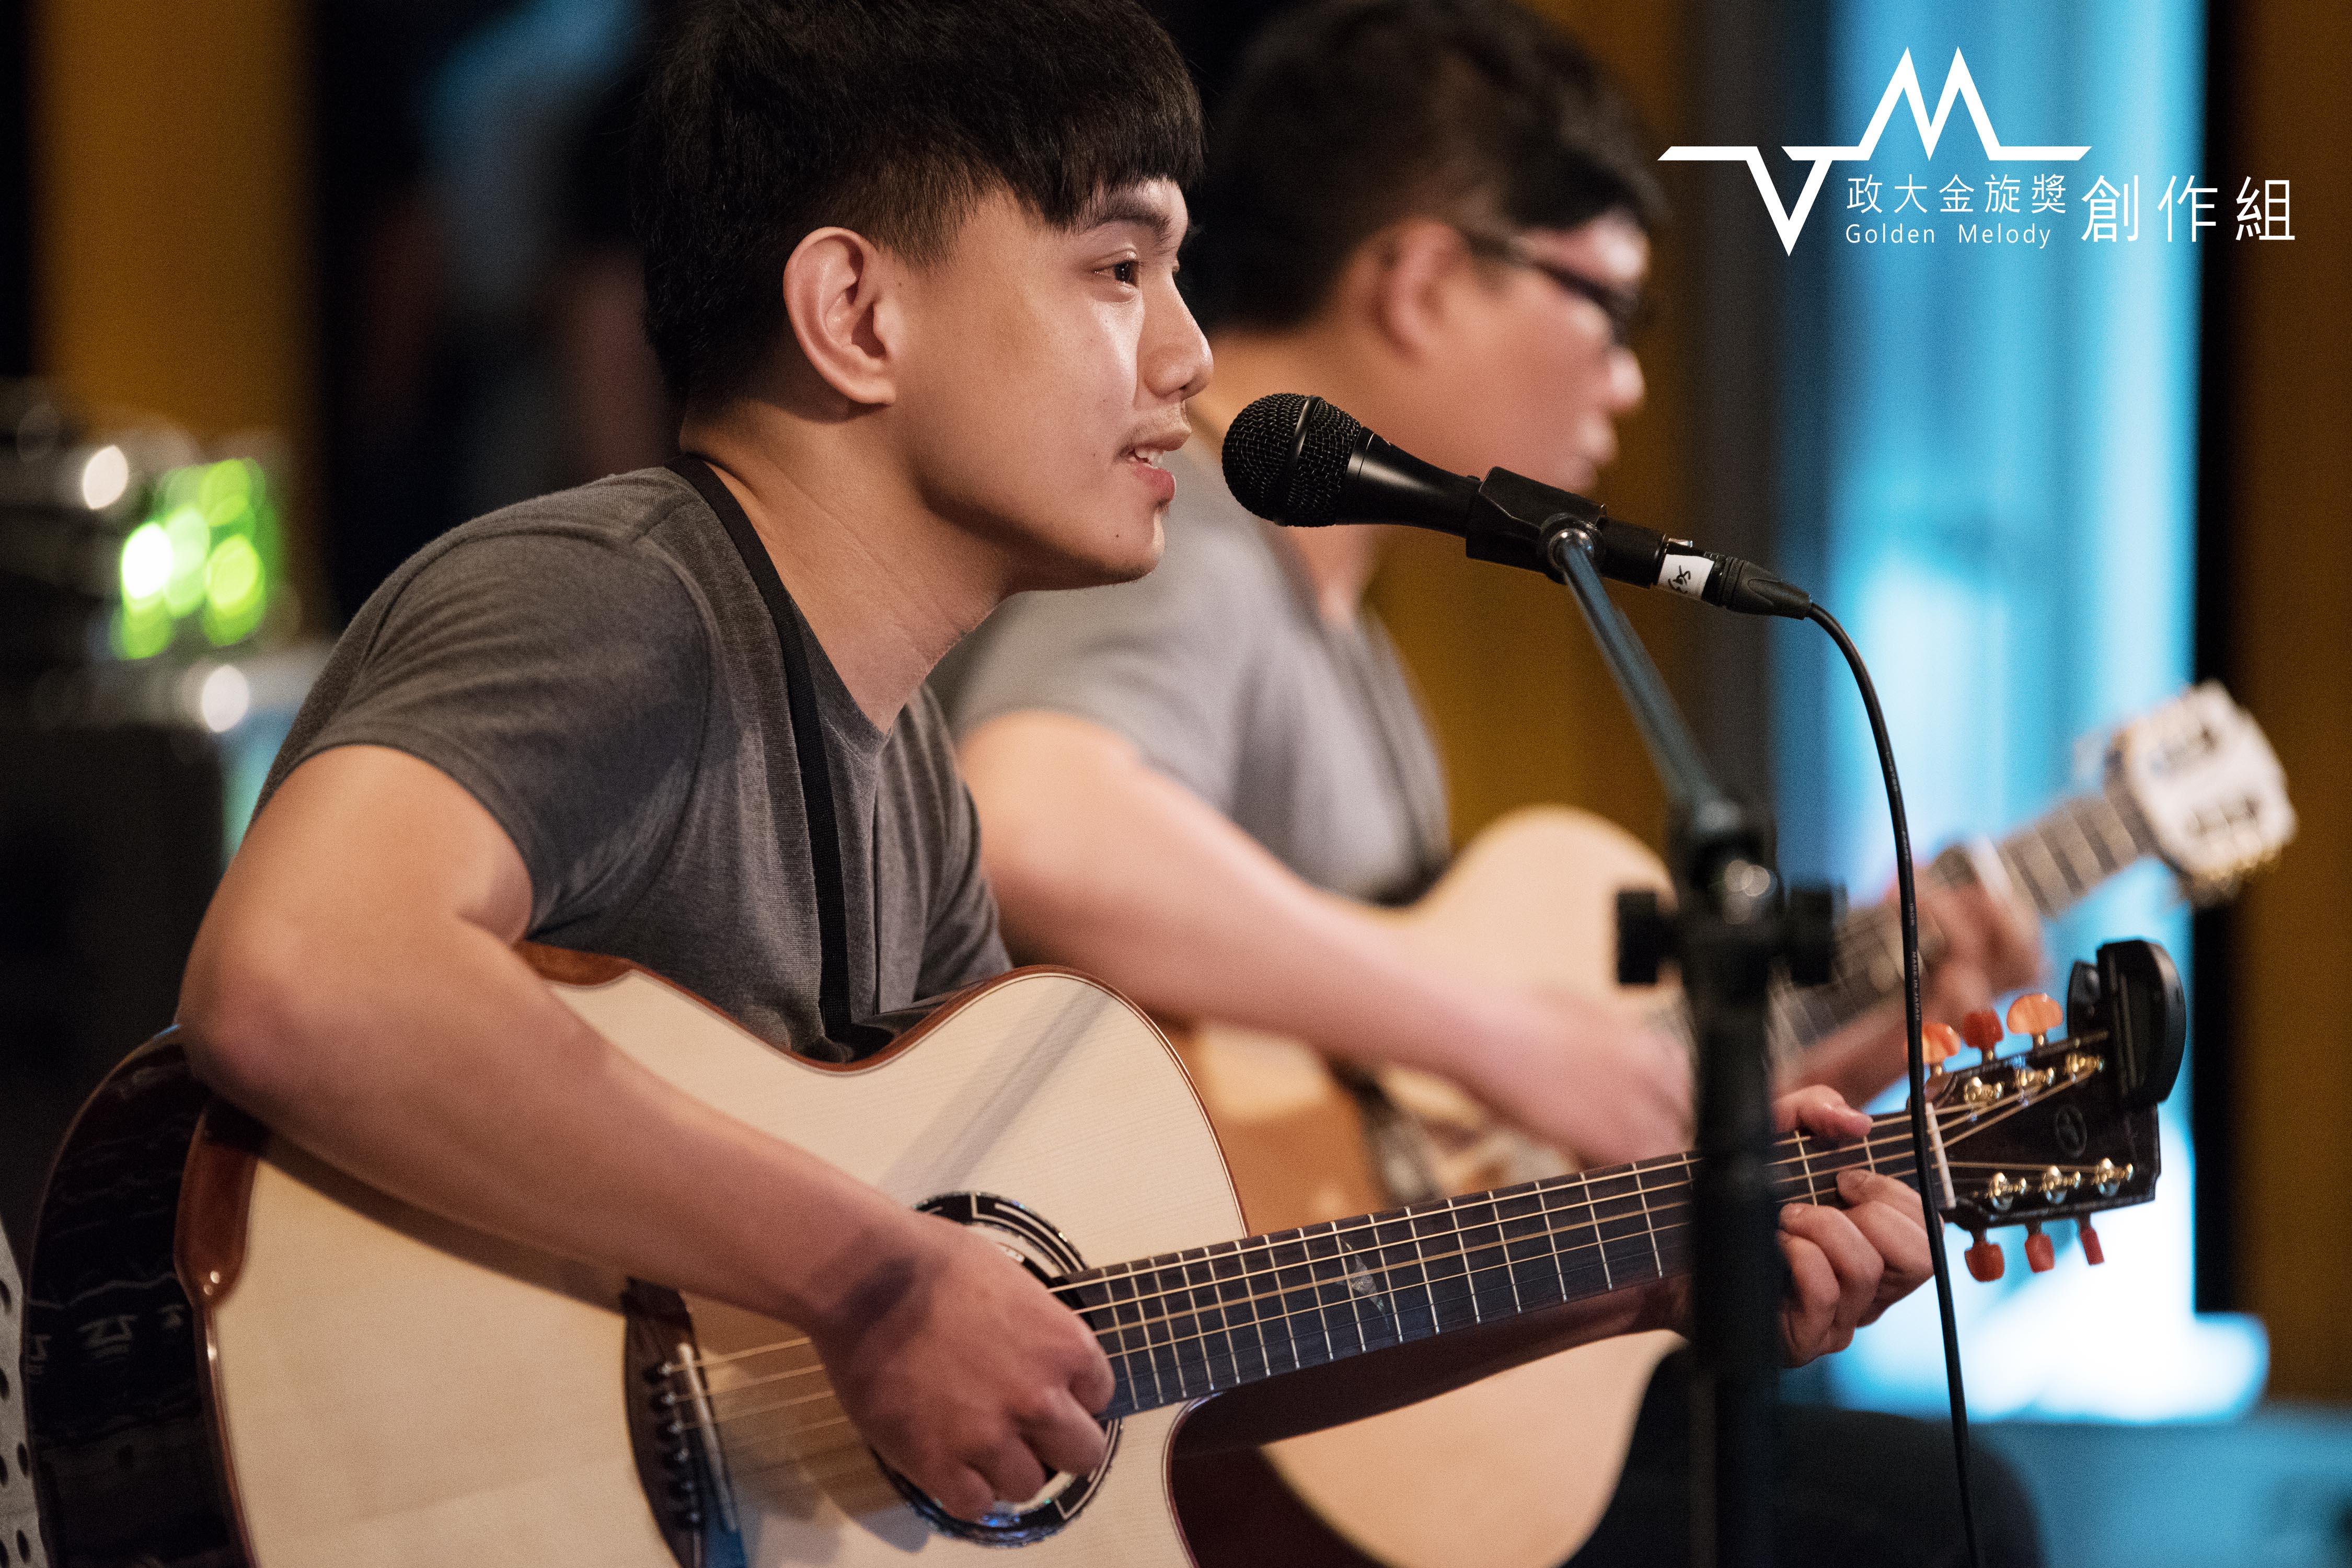 挺進決賽的楊肅浩藉創作曲「阮的青春,汝的汗 」訴說對過世祖母的懷念,回憶的片段透過歌聲感動了在場的每個人。